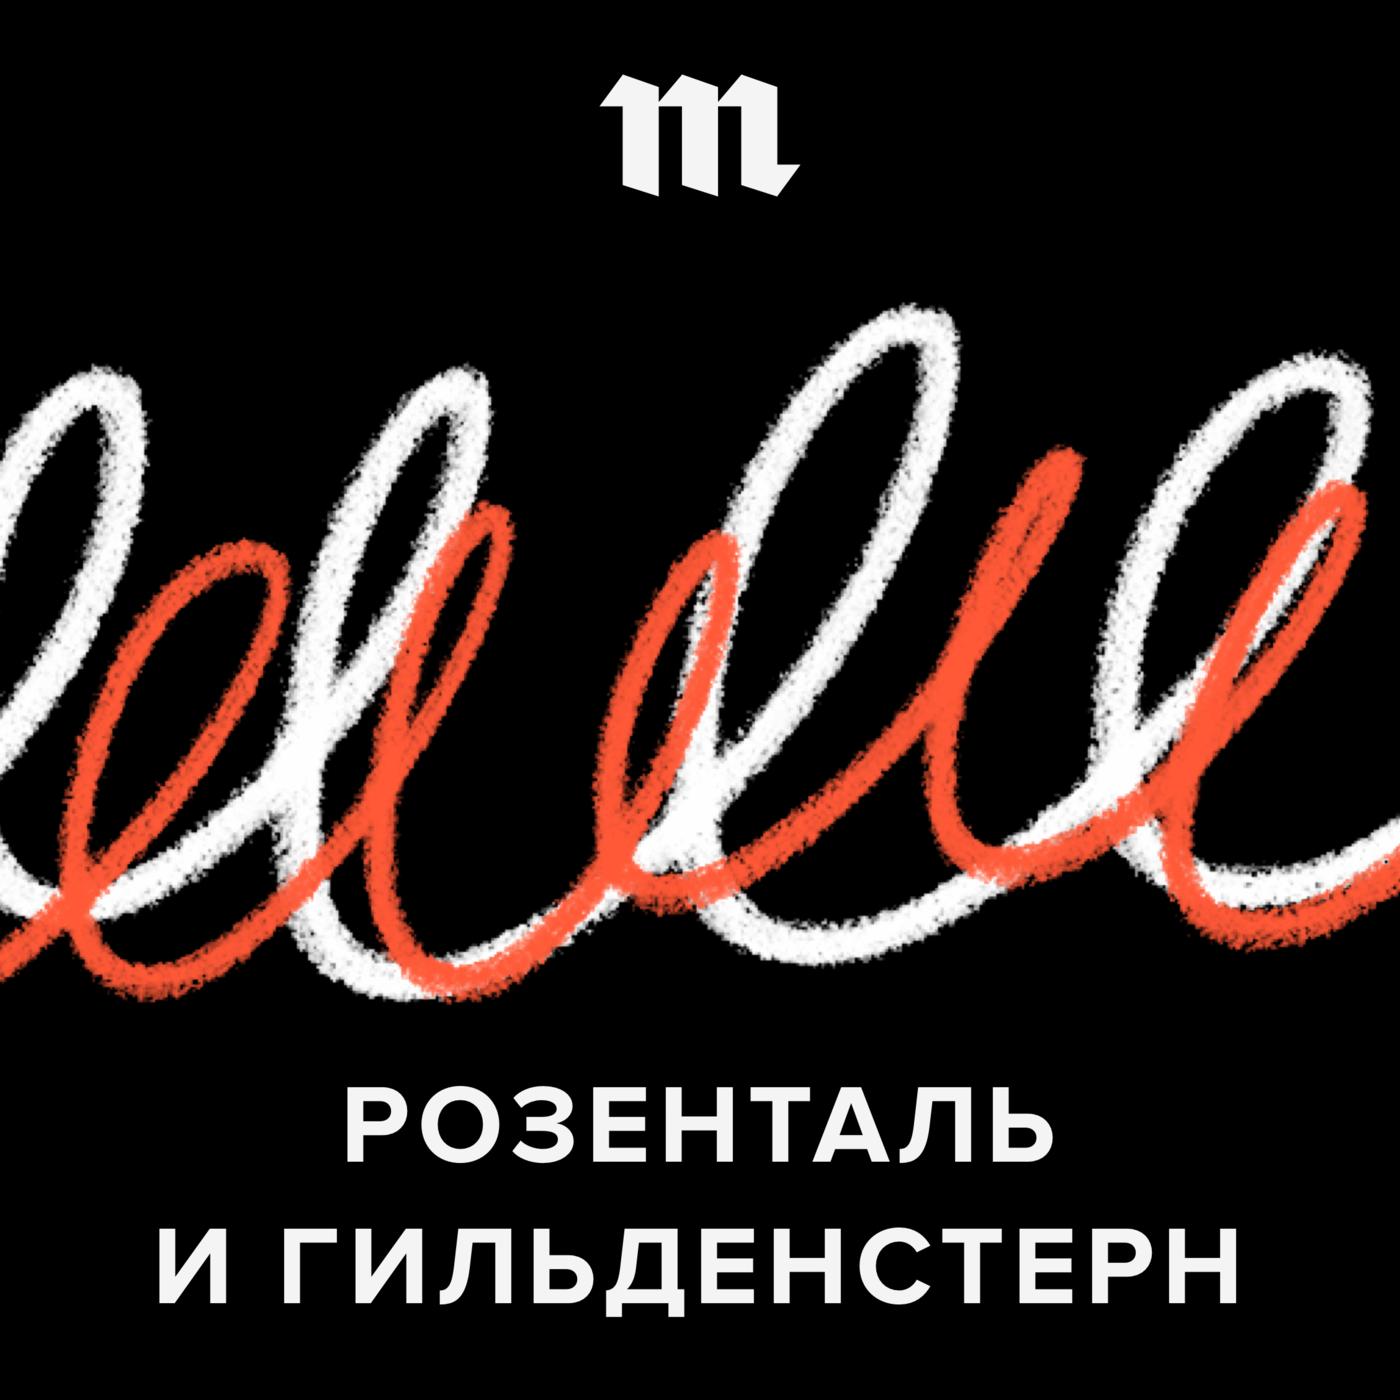 Владимир Пахомов 30 сентября мы запускаем подкаст «Розенталь и Гильденстерн» — о русском языке владимир пахомов битва за феминитивы когда авторки и блогерки станут нормой